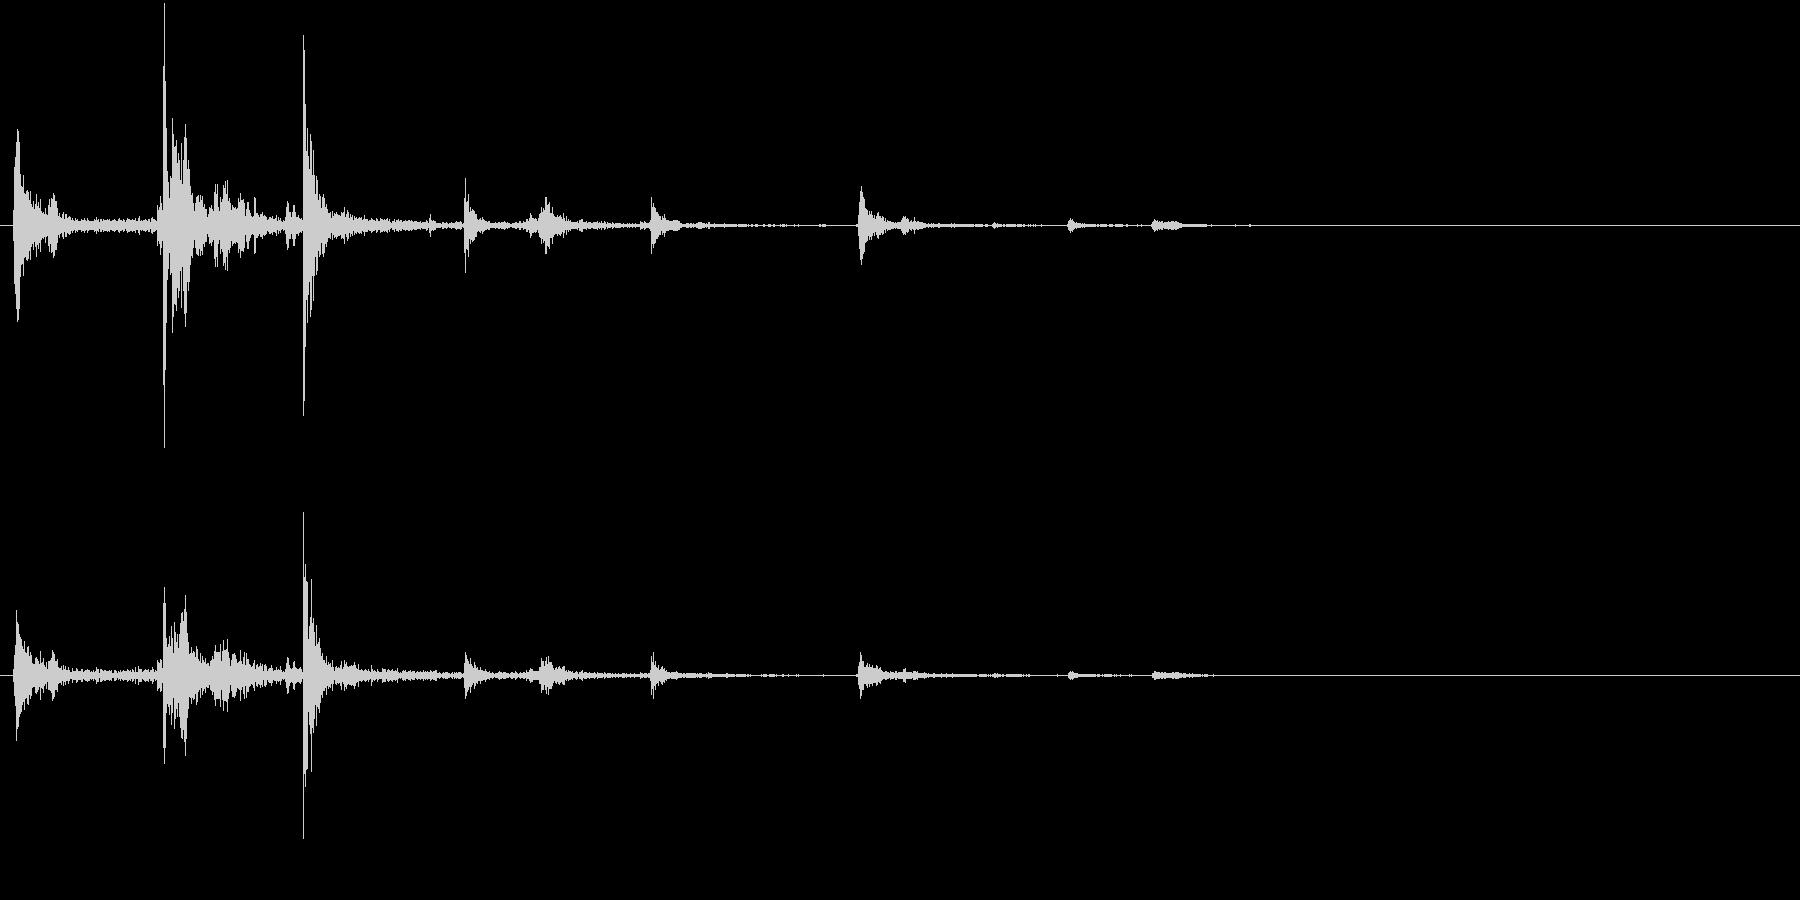 【生録音】ハンガーの音 8 スライドするの未再生の波形